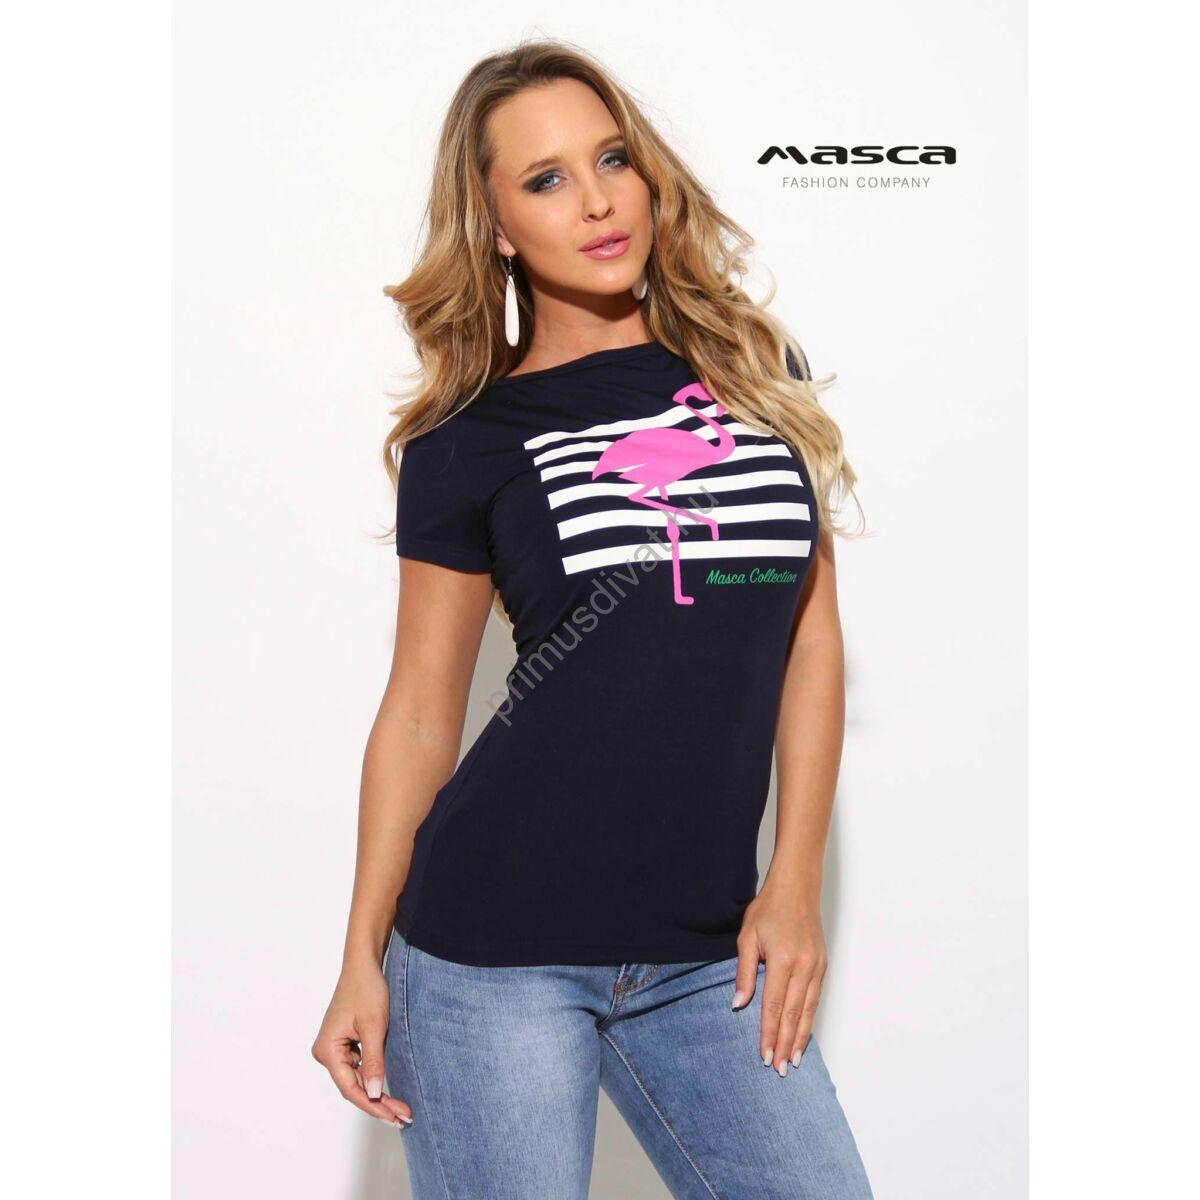 2ba7f40b5a Kép 1/1 - Masca Fashion csónaknyakú sötétkék rövid ujjú felső, nyomott pink  flamingóval, fehér csíkmintával